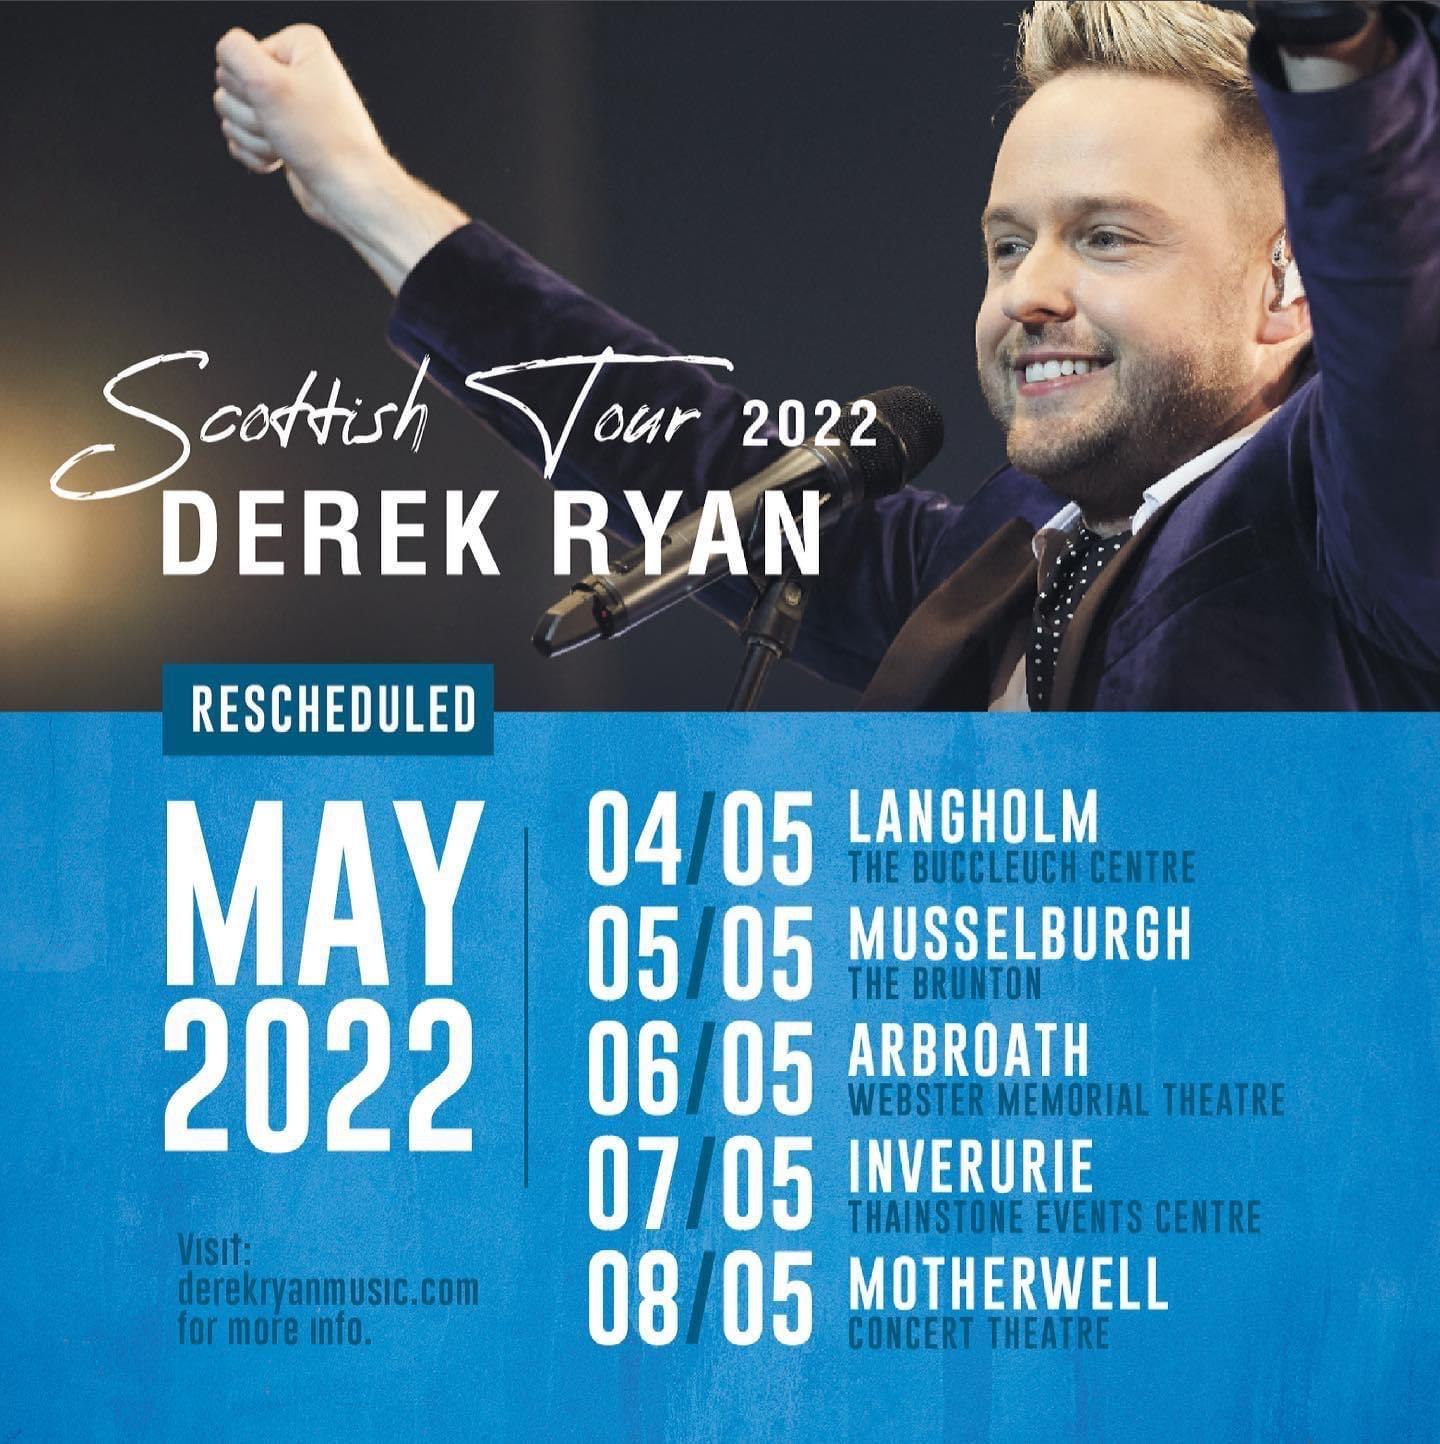 Derek Ryan Scottish Tour 2022